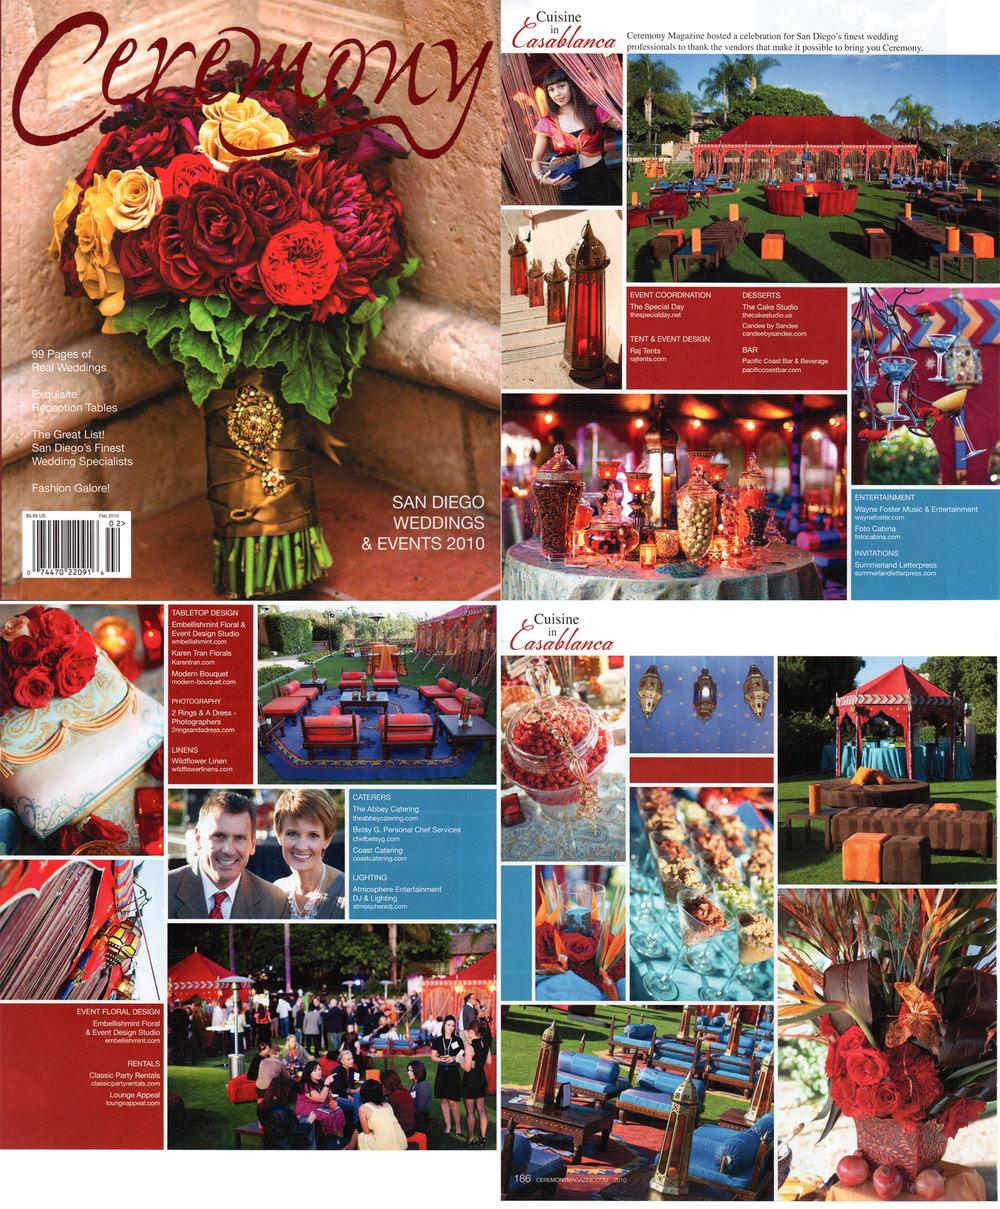 raj-tents-ceremony-magazine-san-diego-2010.jpg